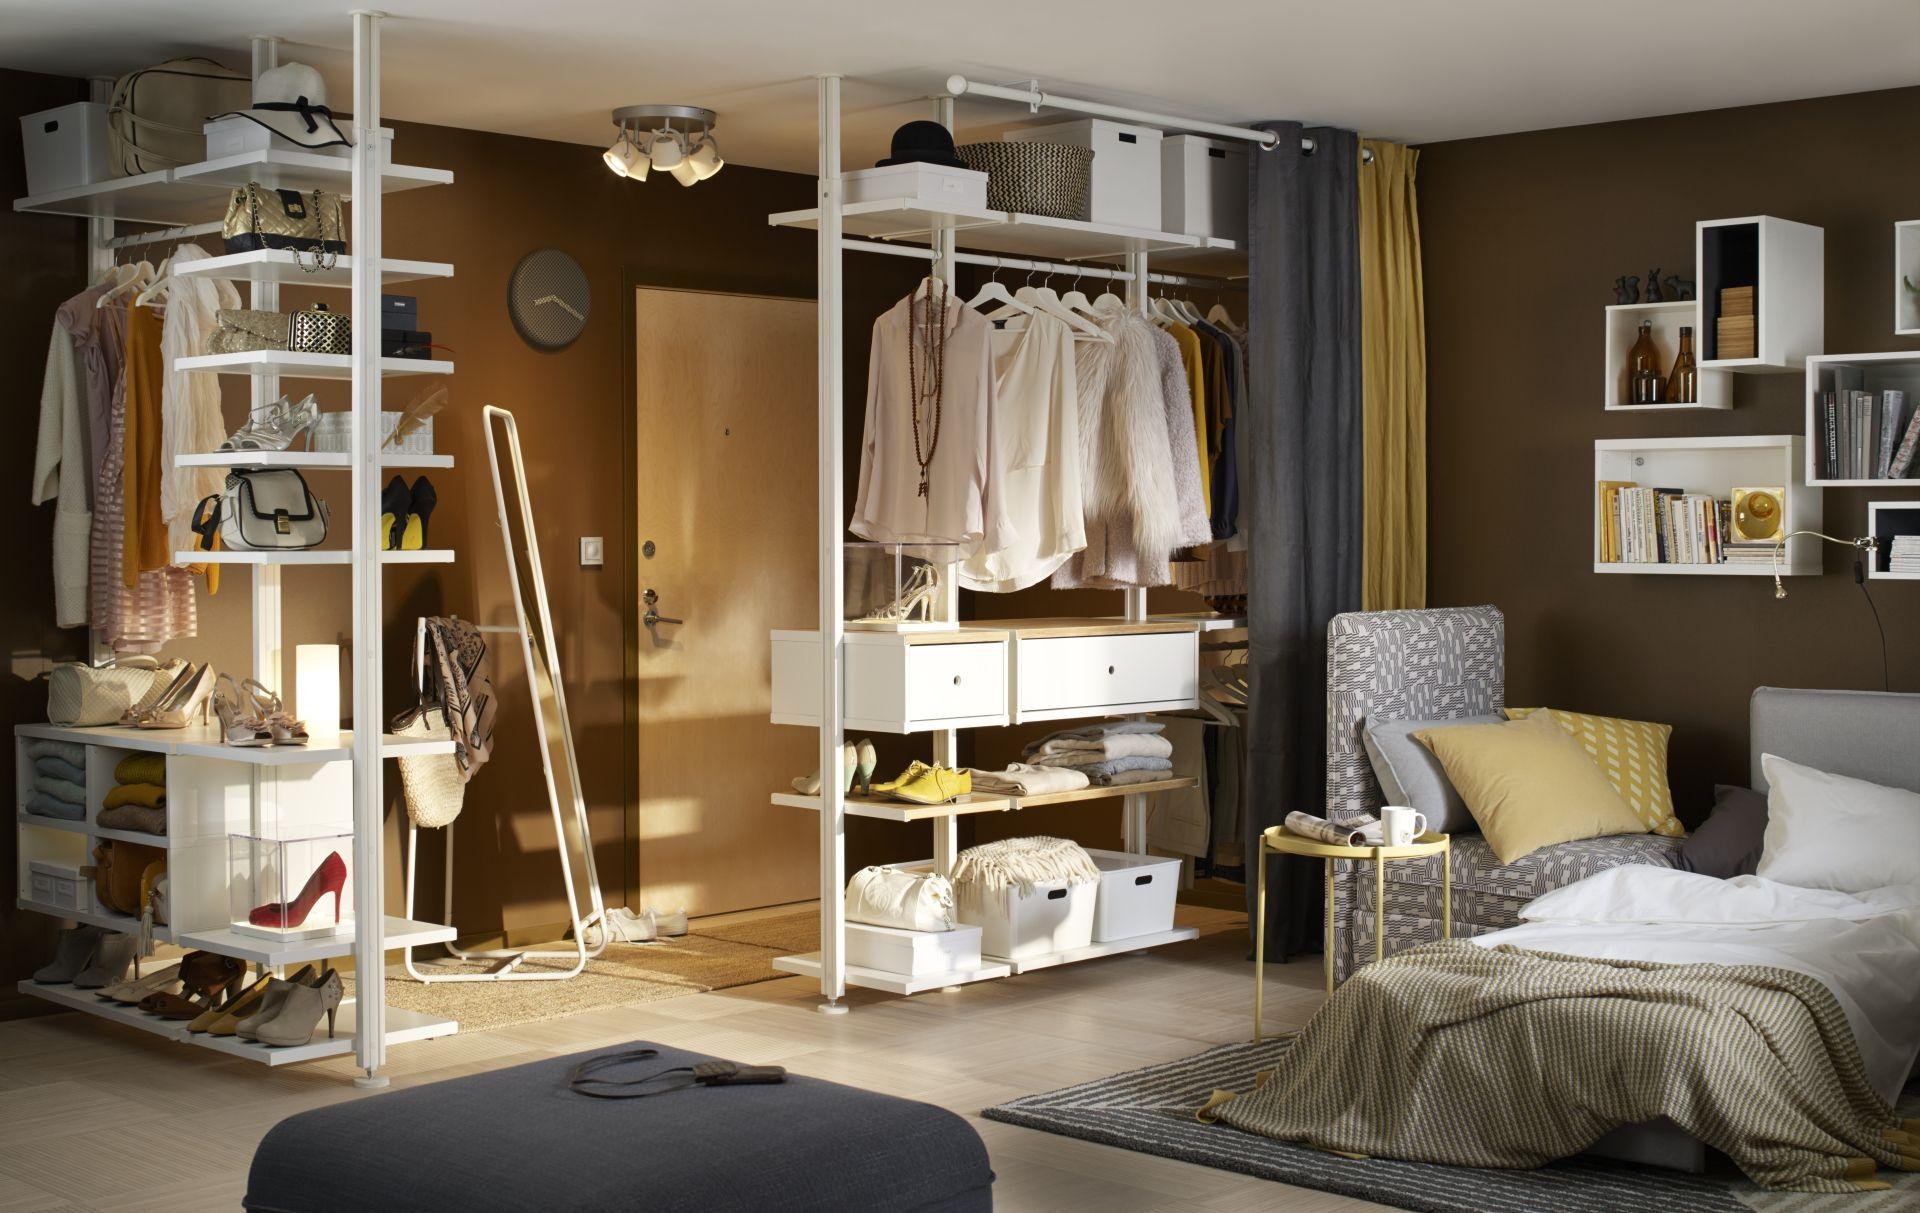 ELVARLI combinatie | IKEA IKEAnederland IKEAnl wooninspiratie ...